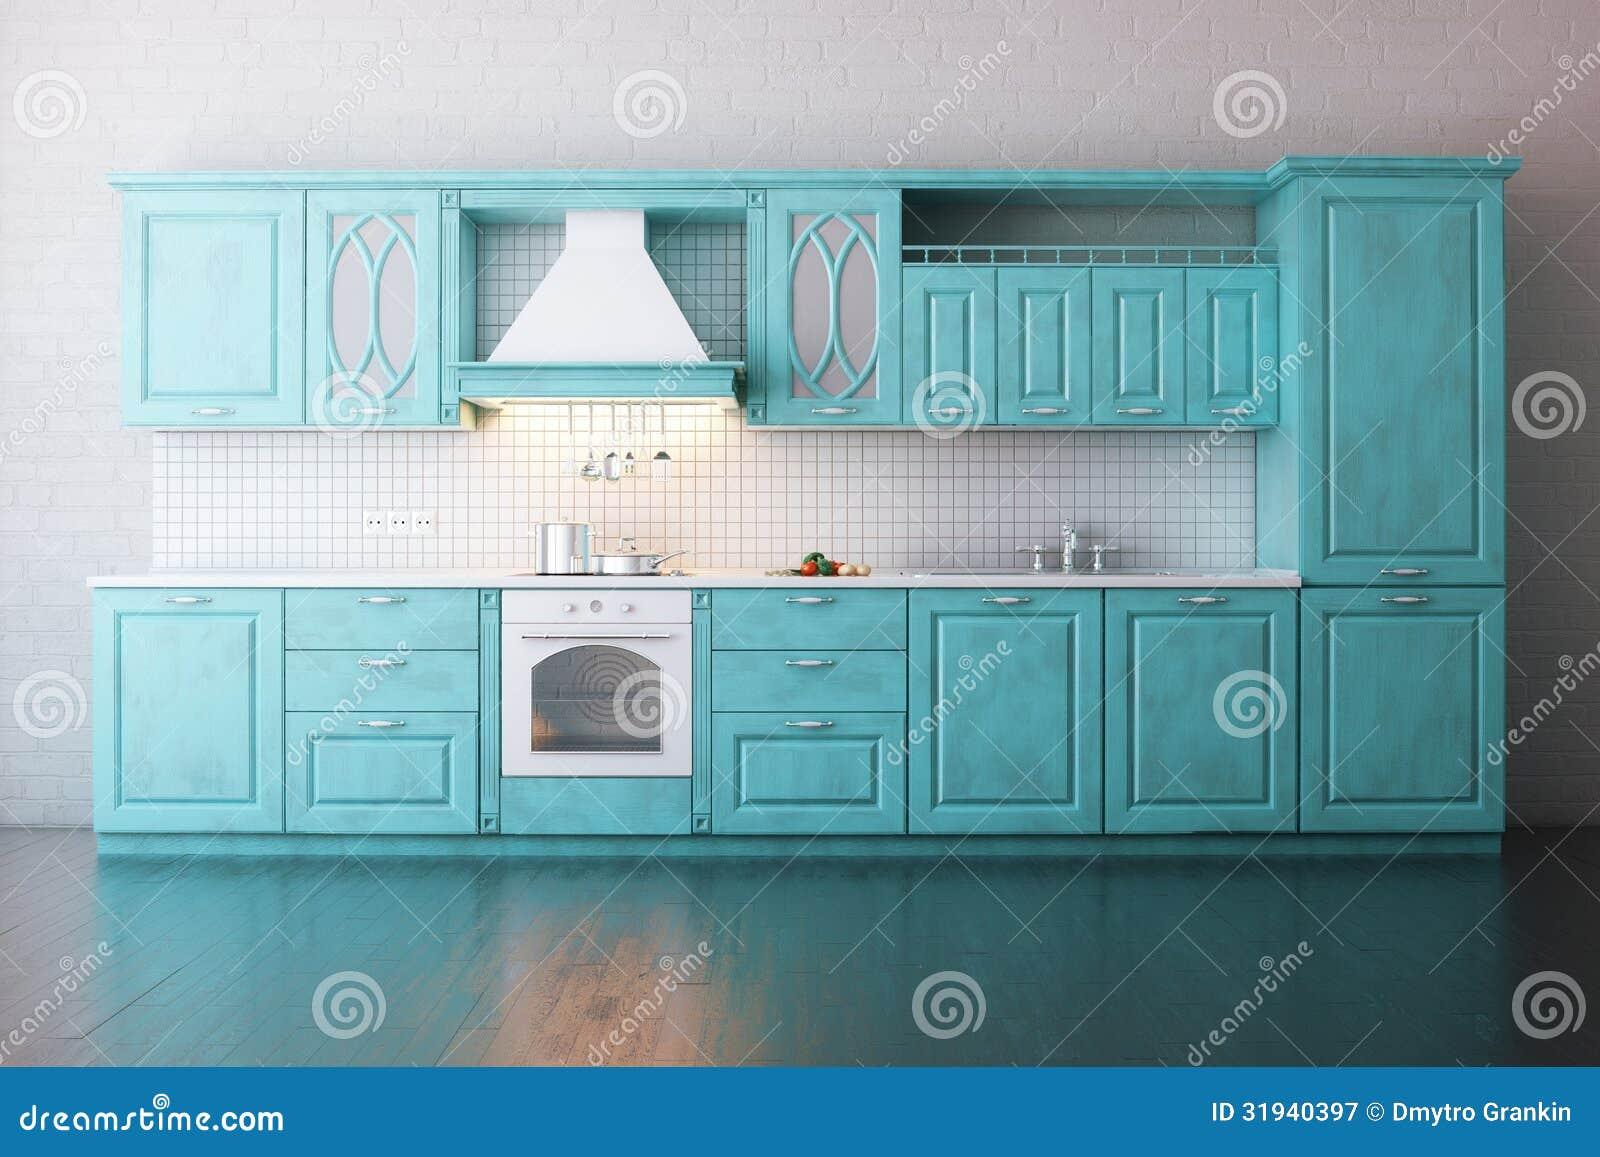 cuisine en bois classique peinte en turquoise illustration